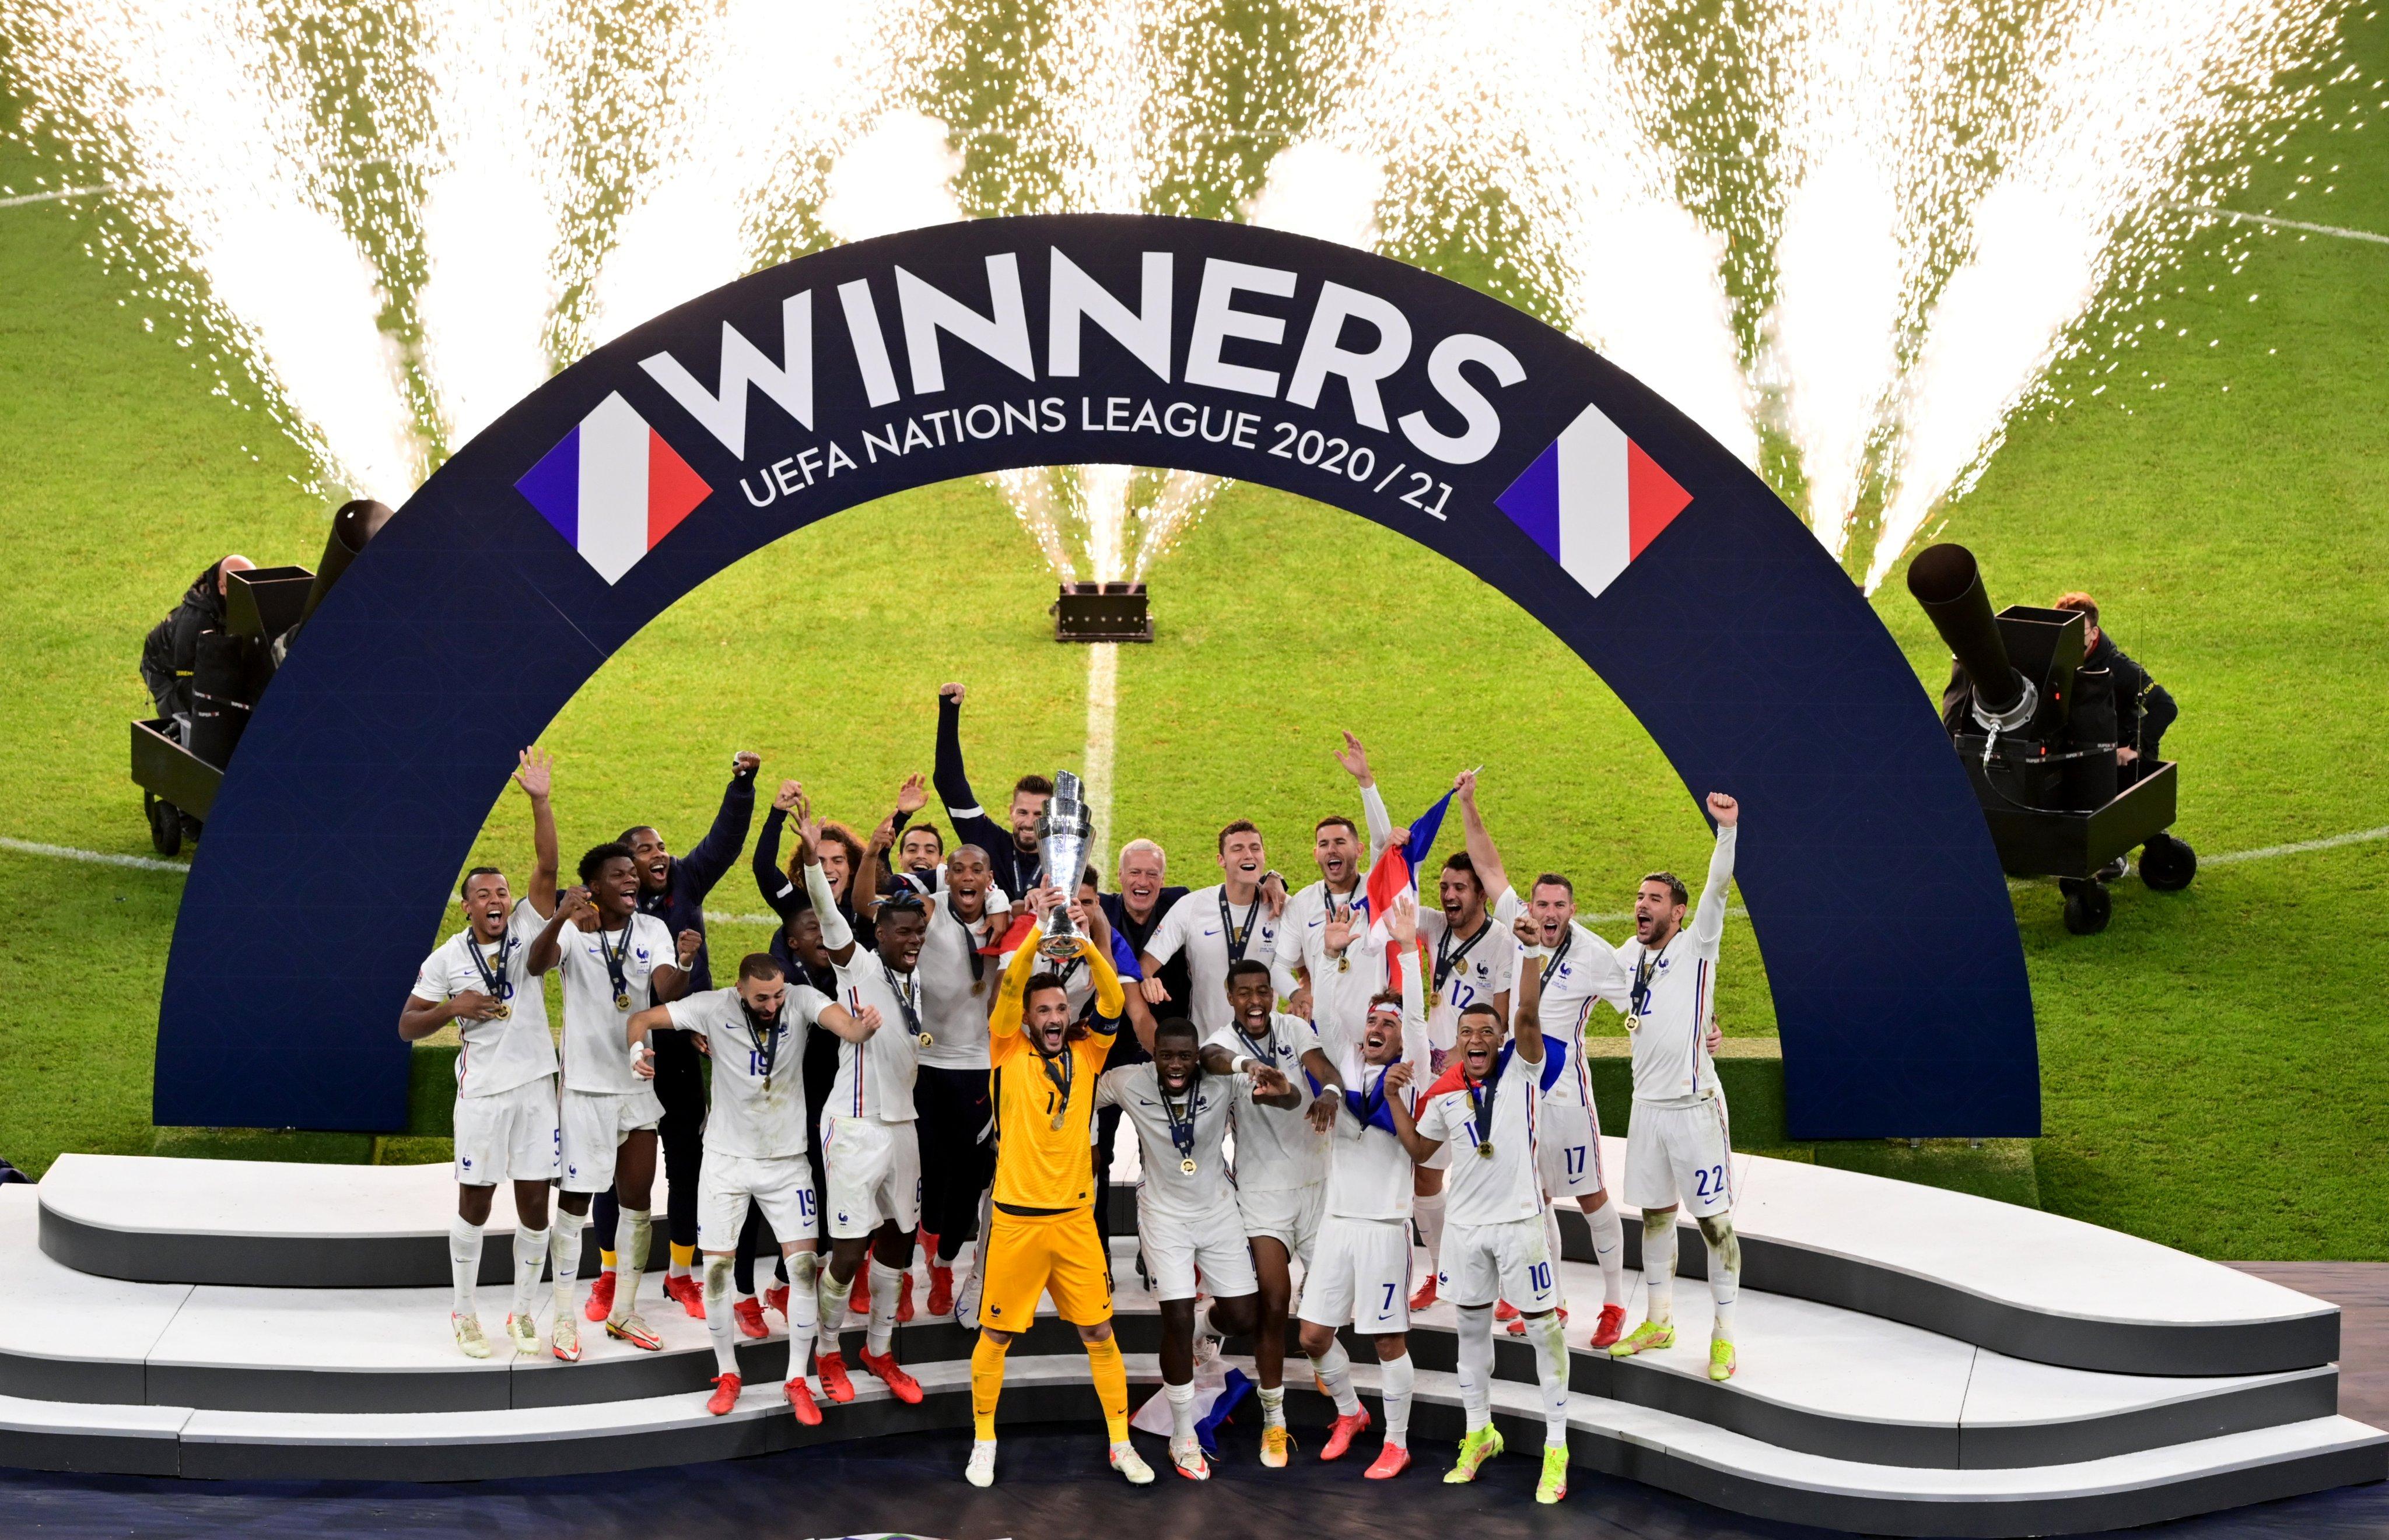 تتويج فرنسا بدوري الأمم الأوروبية